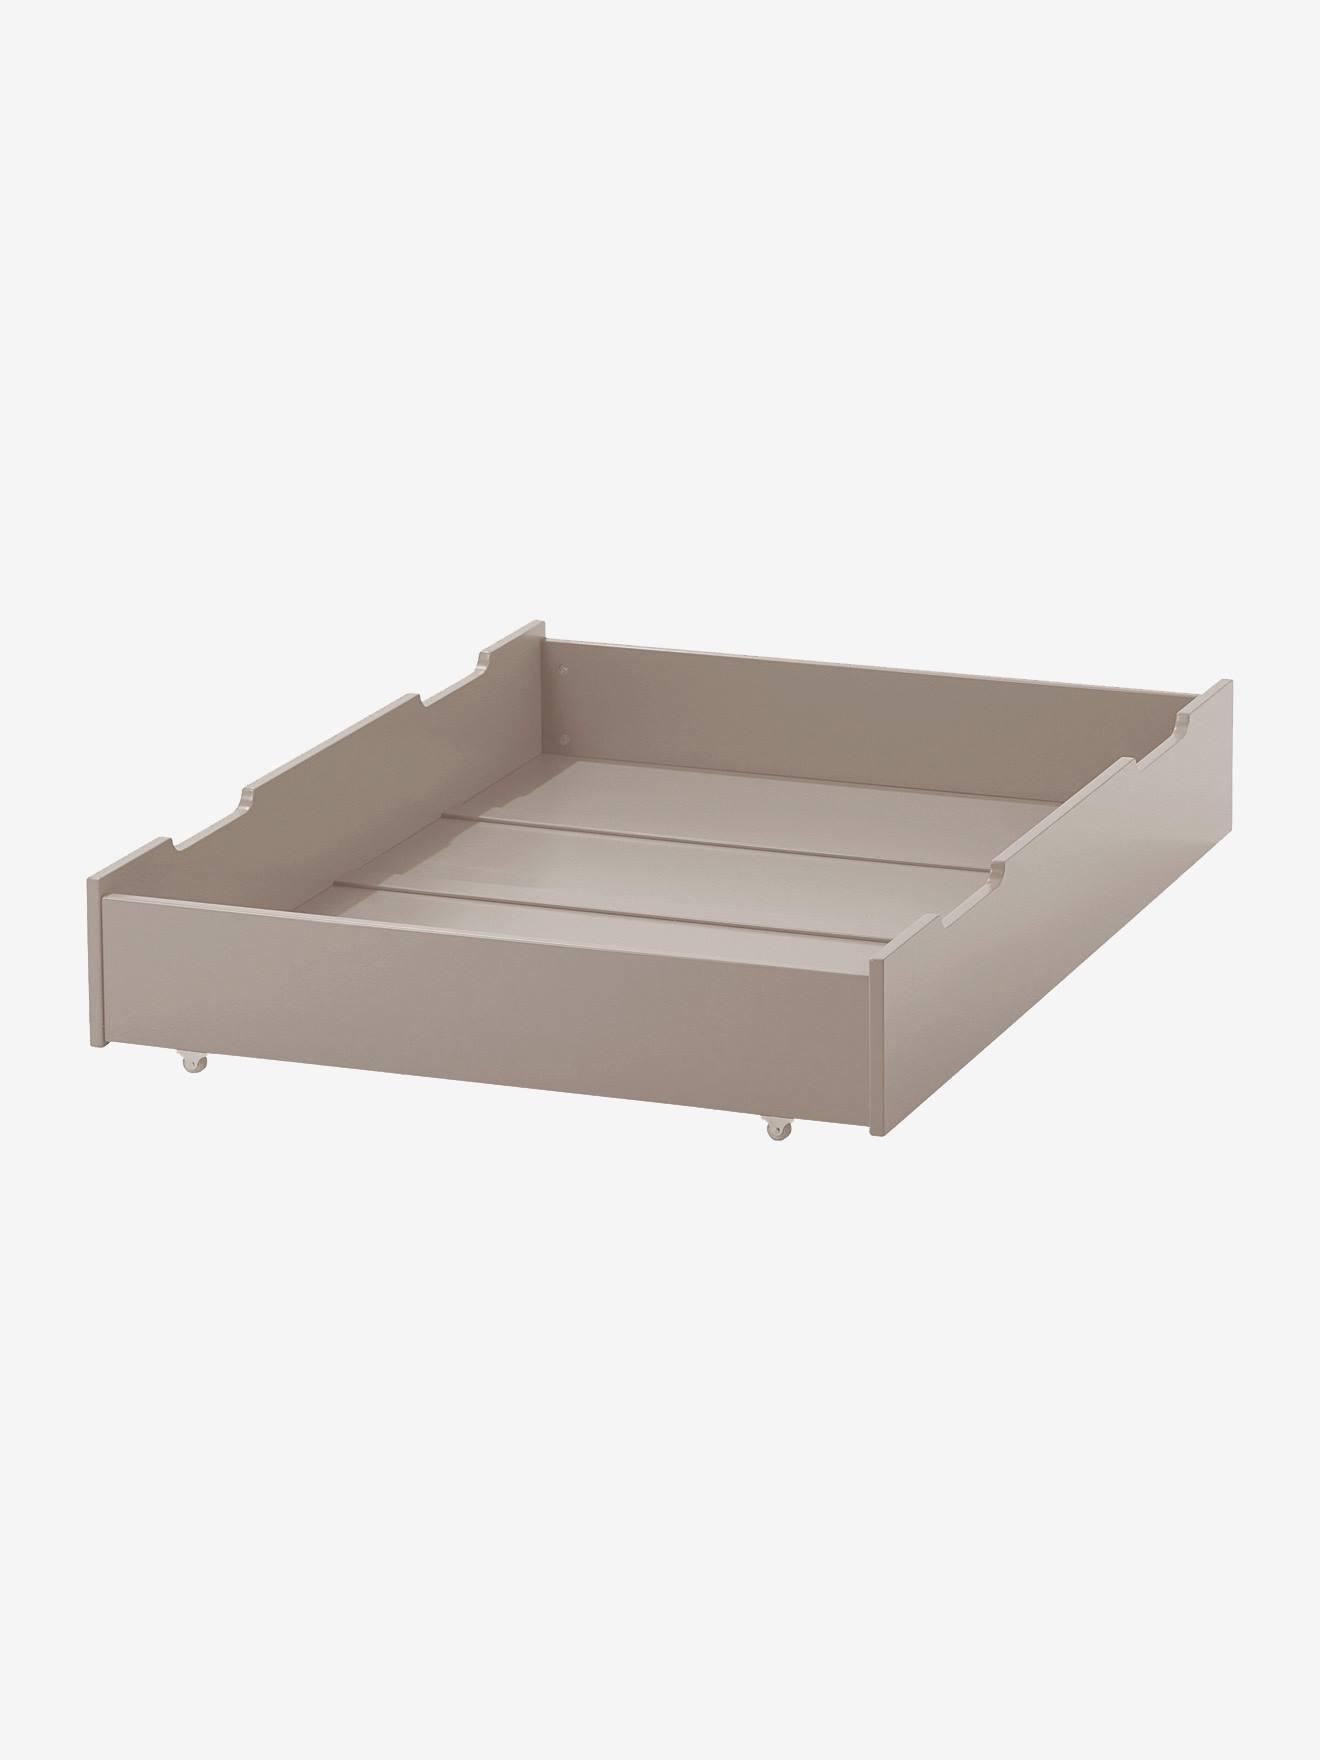 meuble de rangement vertbaudet meuble de rangement casiers en escalier blanctaupe vertbaudet. Black Bedroom Furniture Sets. Home Design Ideas